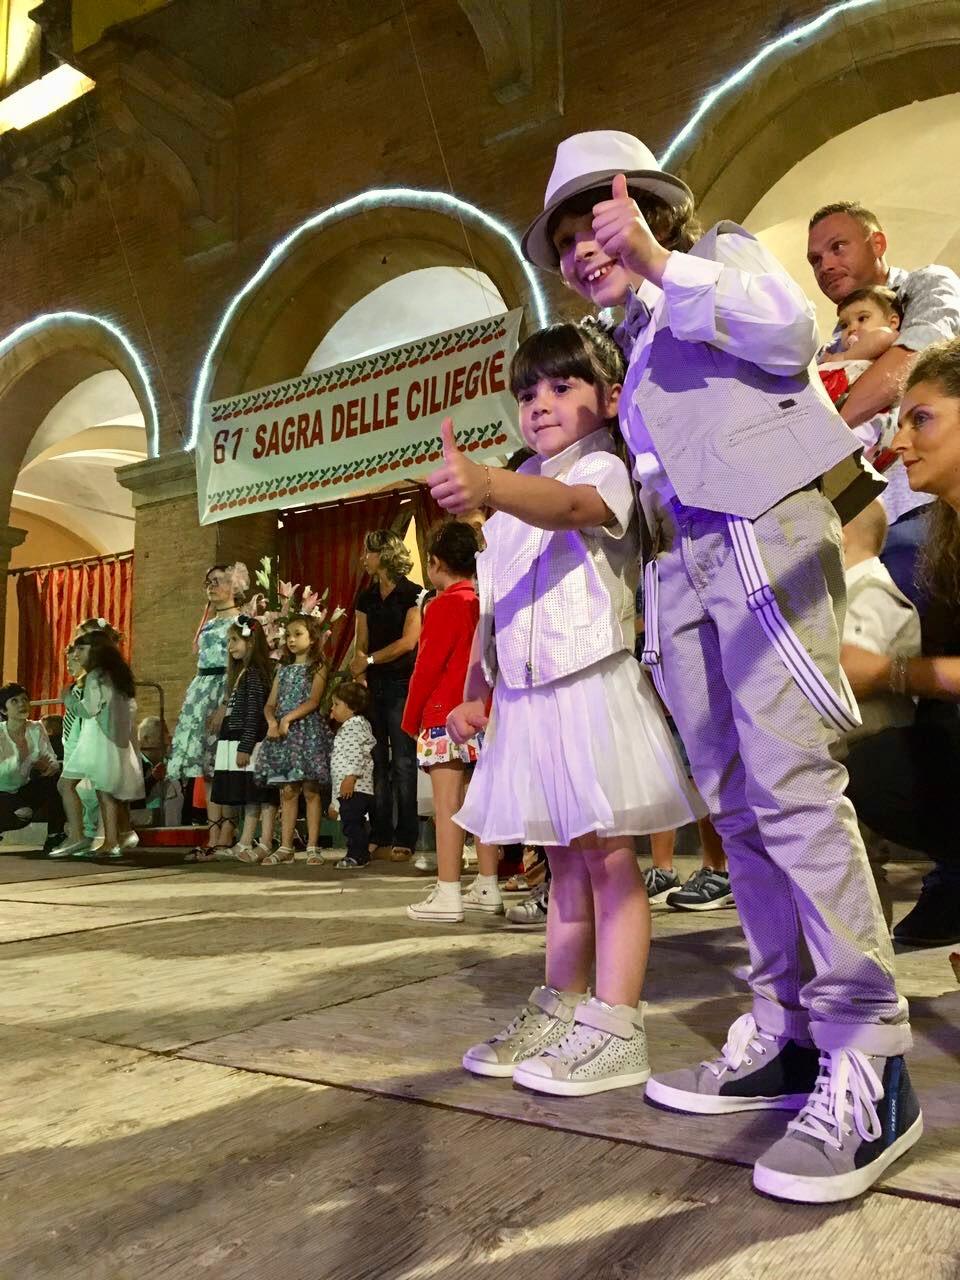 Lari, o festival de cerejas e uma pequena epifania Italiana…